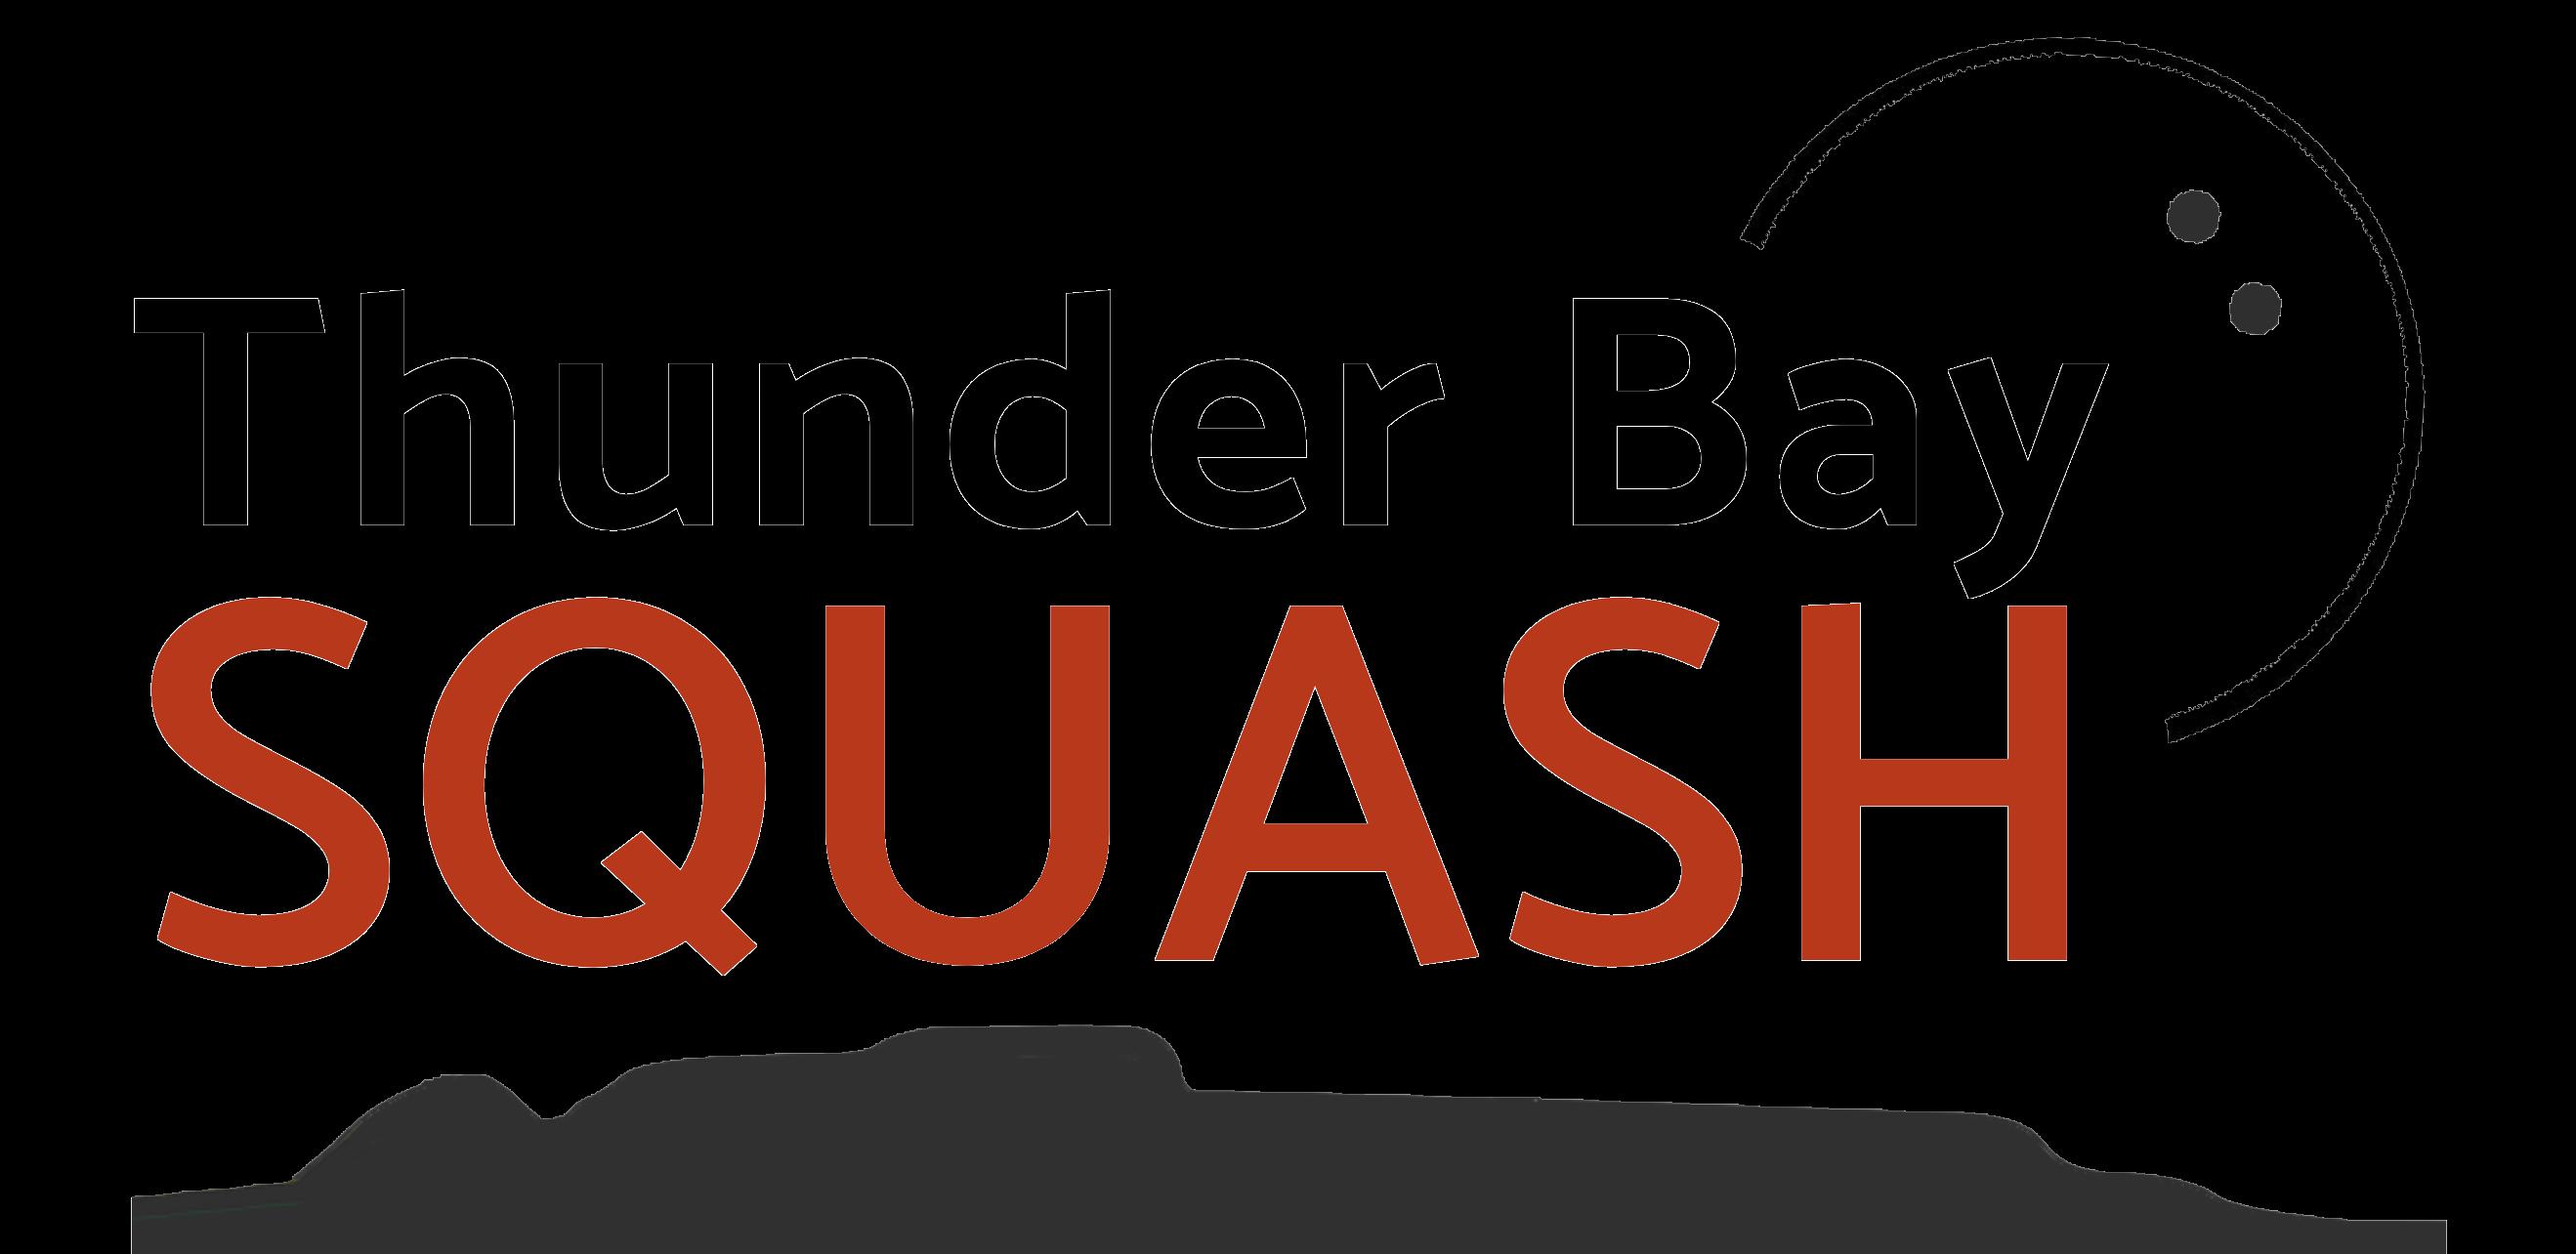 Thunder Bay Squash